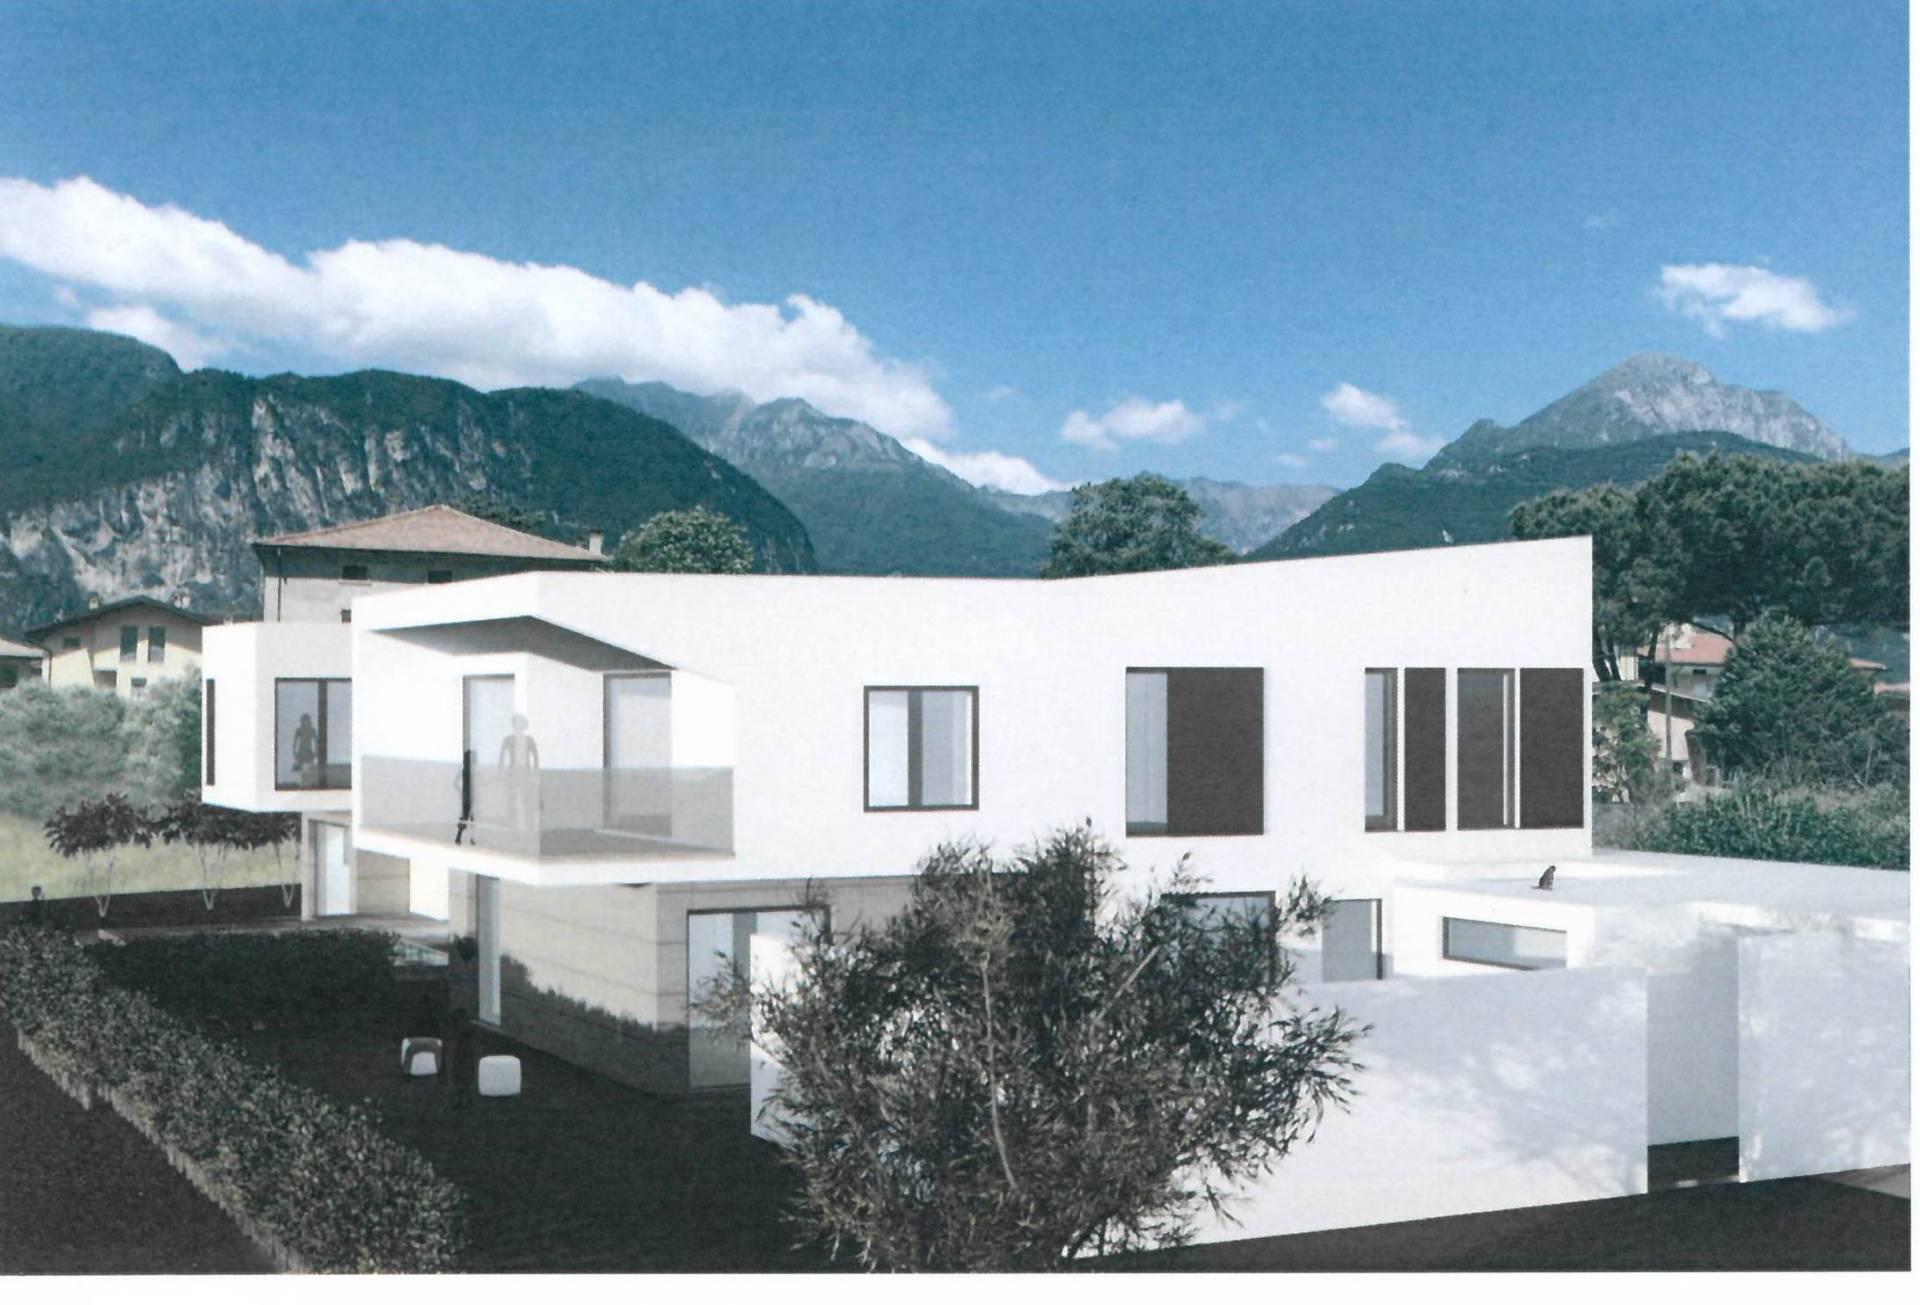 Appartamento in vendita a Riva del Garda, 4 locali, zona Zona: Riva, Trattative riservate | CambioCasa.it